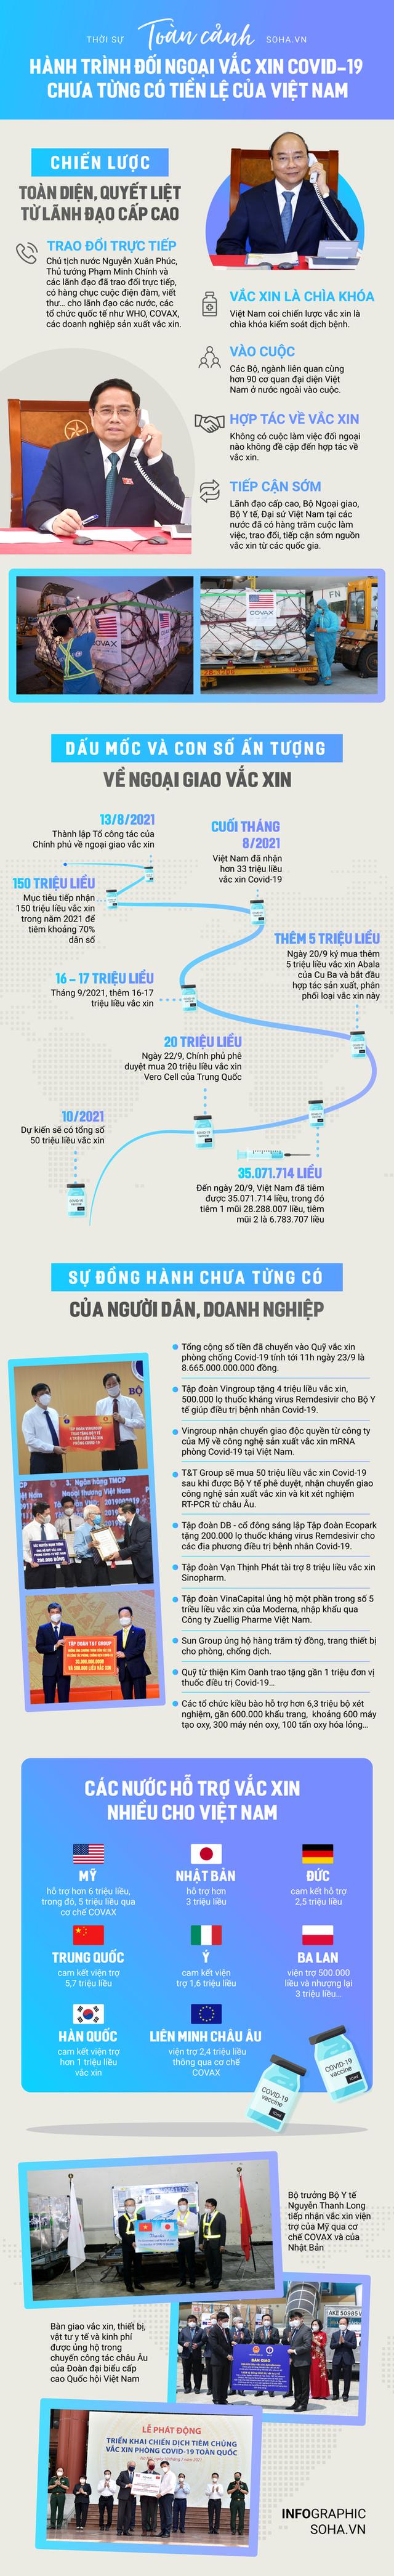 [INFOGRAPHIC] Toàn cảnh hành trình đối ngoại vắc xin Covid-19 chưa từng có tiền lệ của Việt Nam - Ảnh 1.